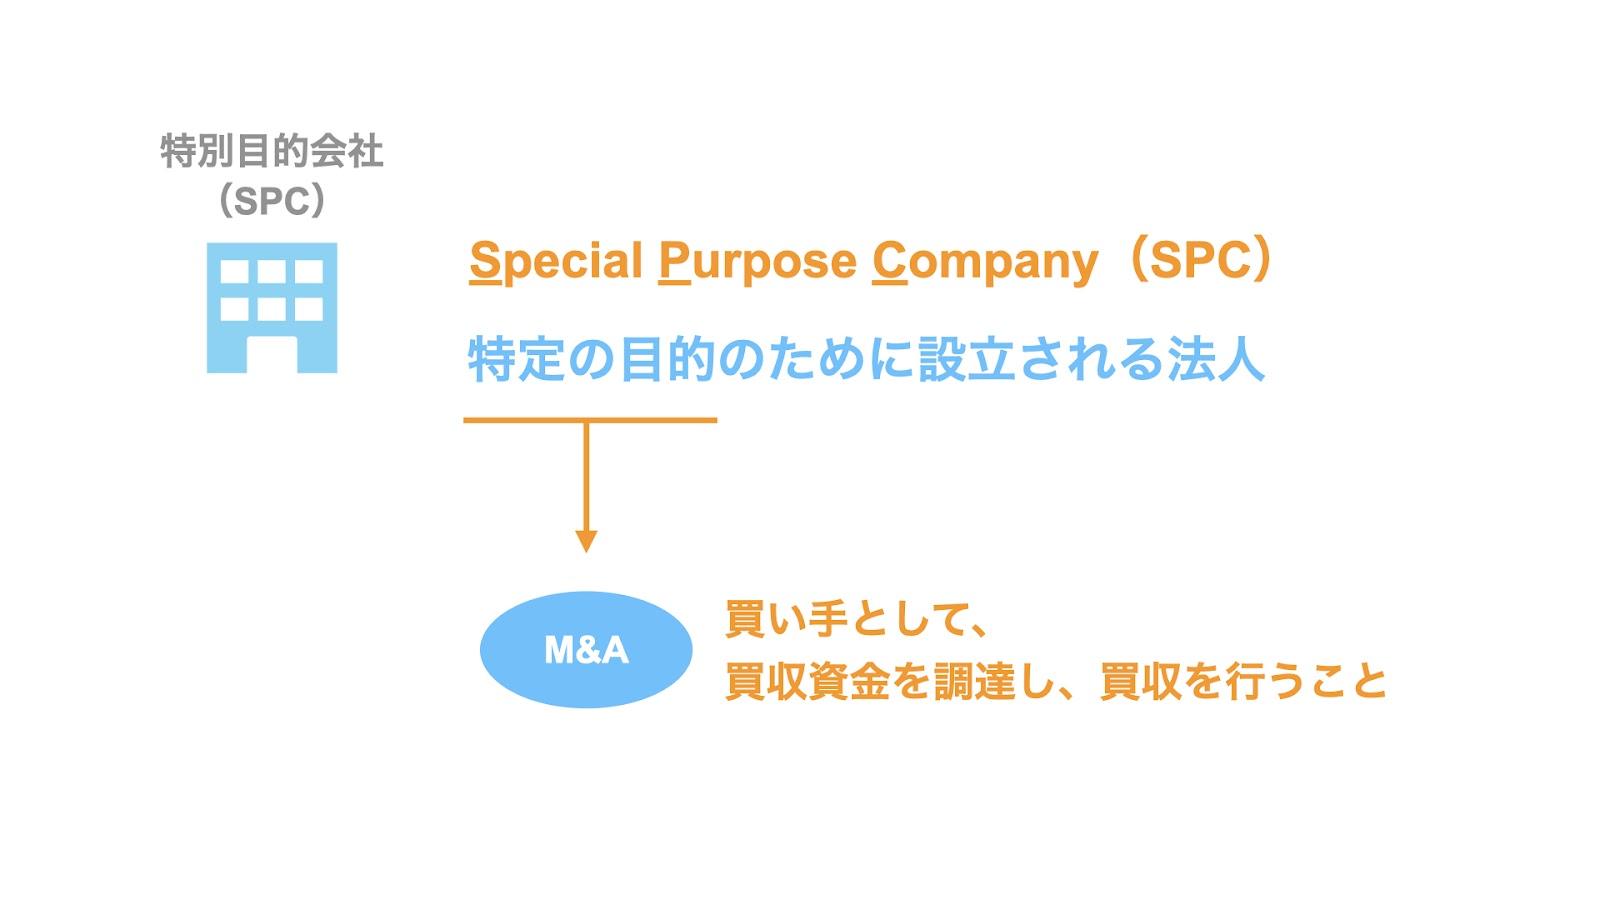 特別目的会社(SPC)とは